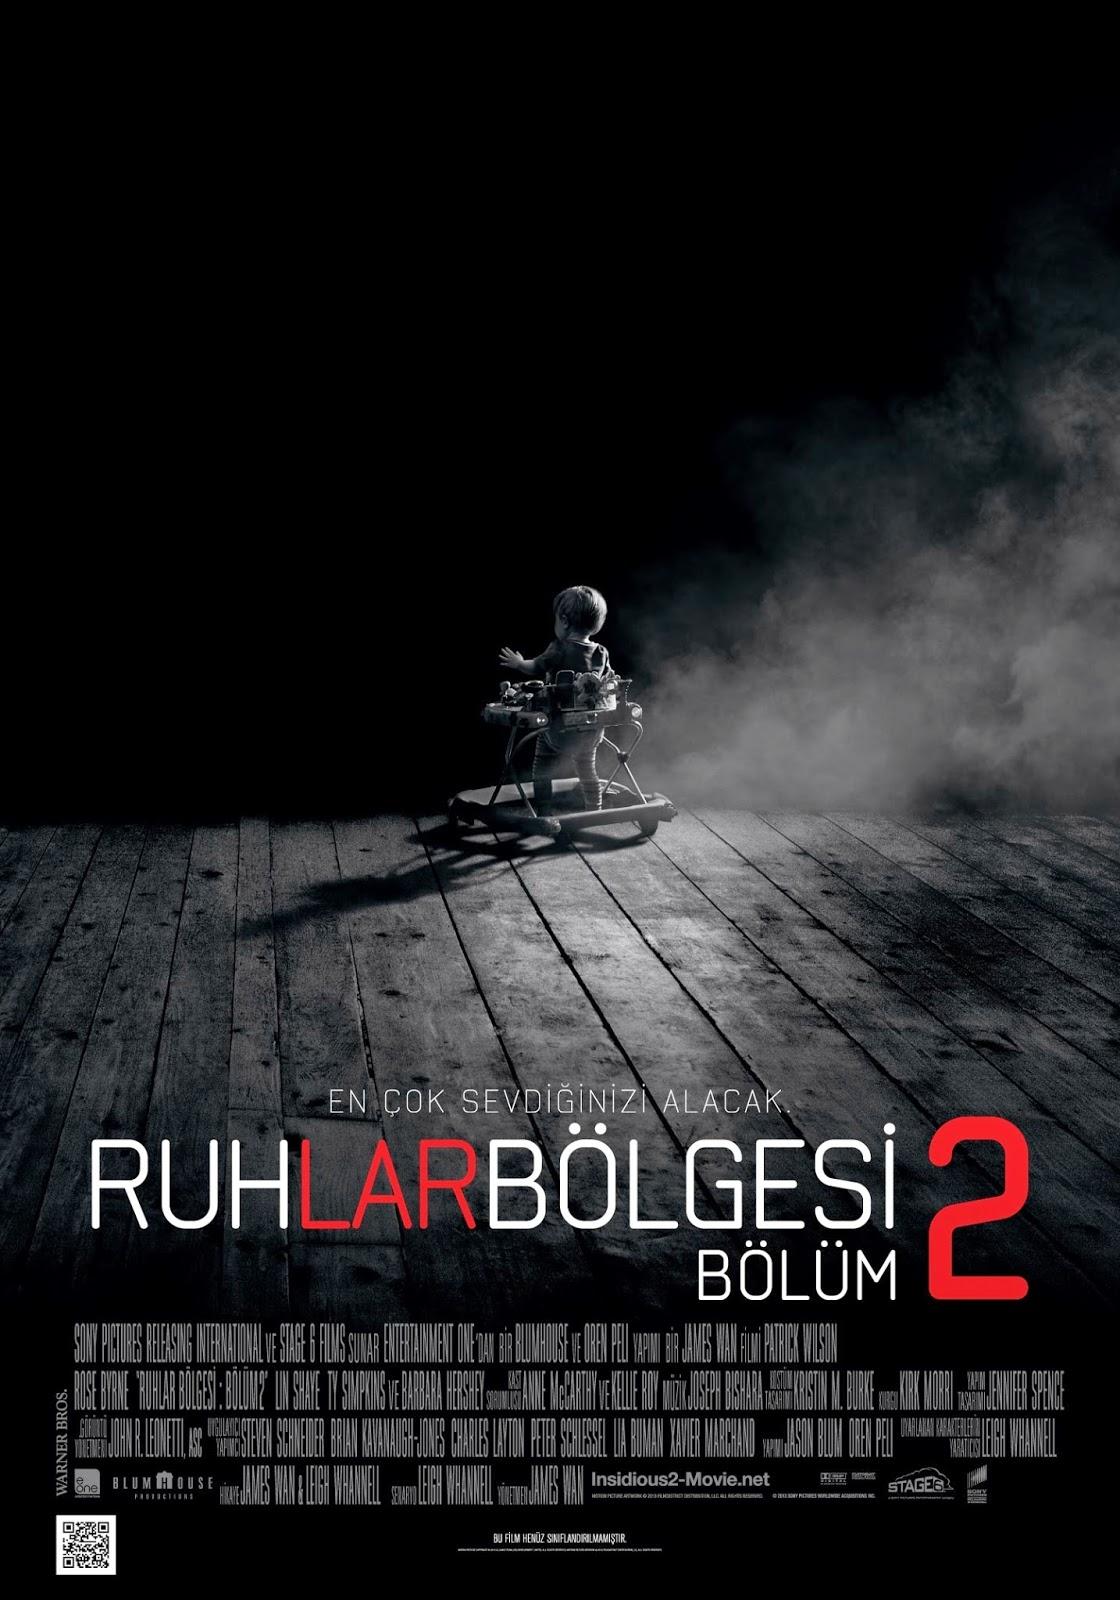 Ruhlar Bölgesi: Bölüm 2 (2013) 720p Film indir